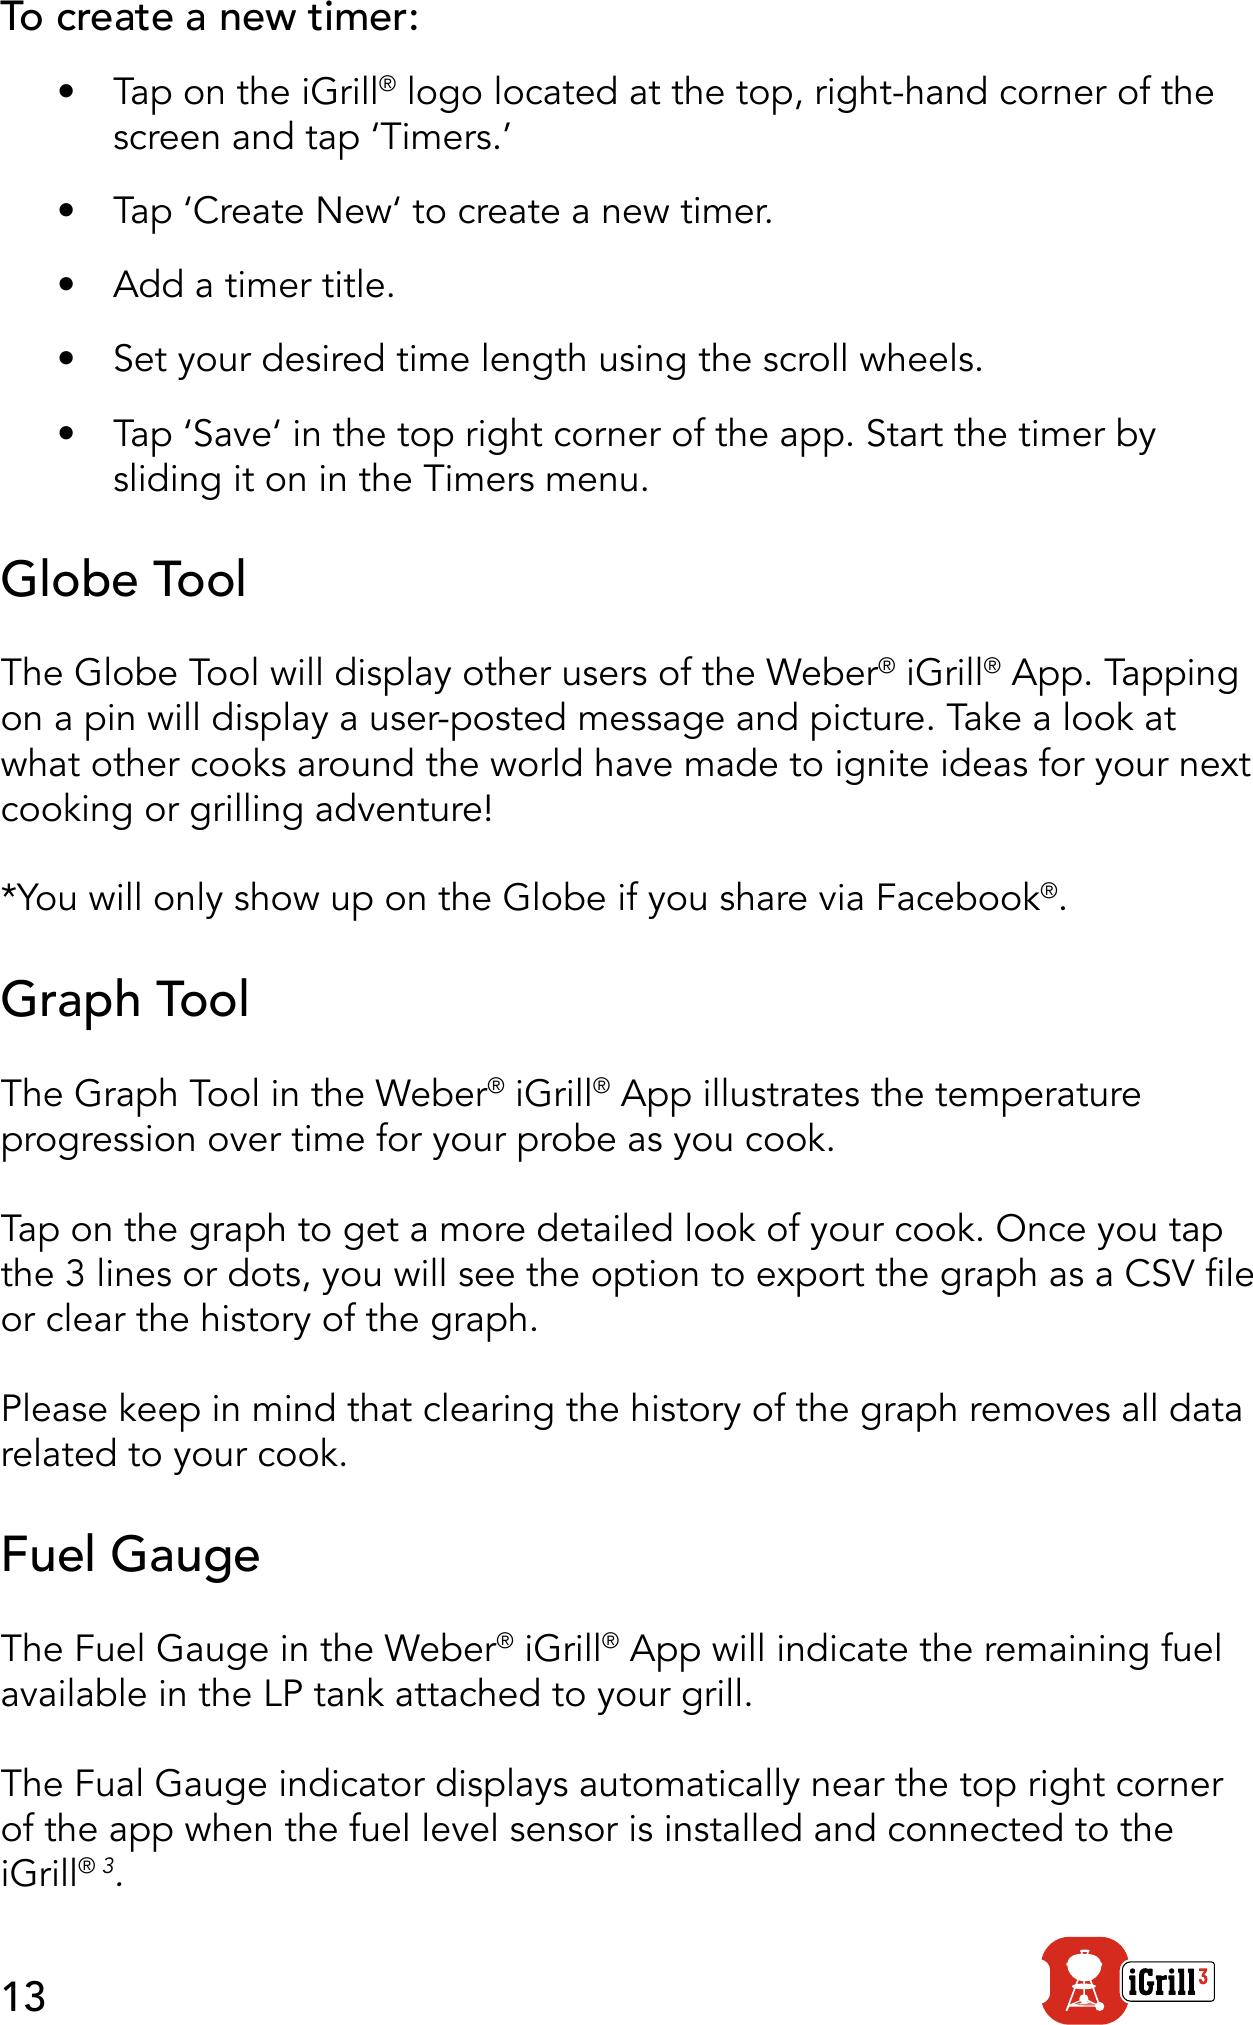 weber igrill app instructions